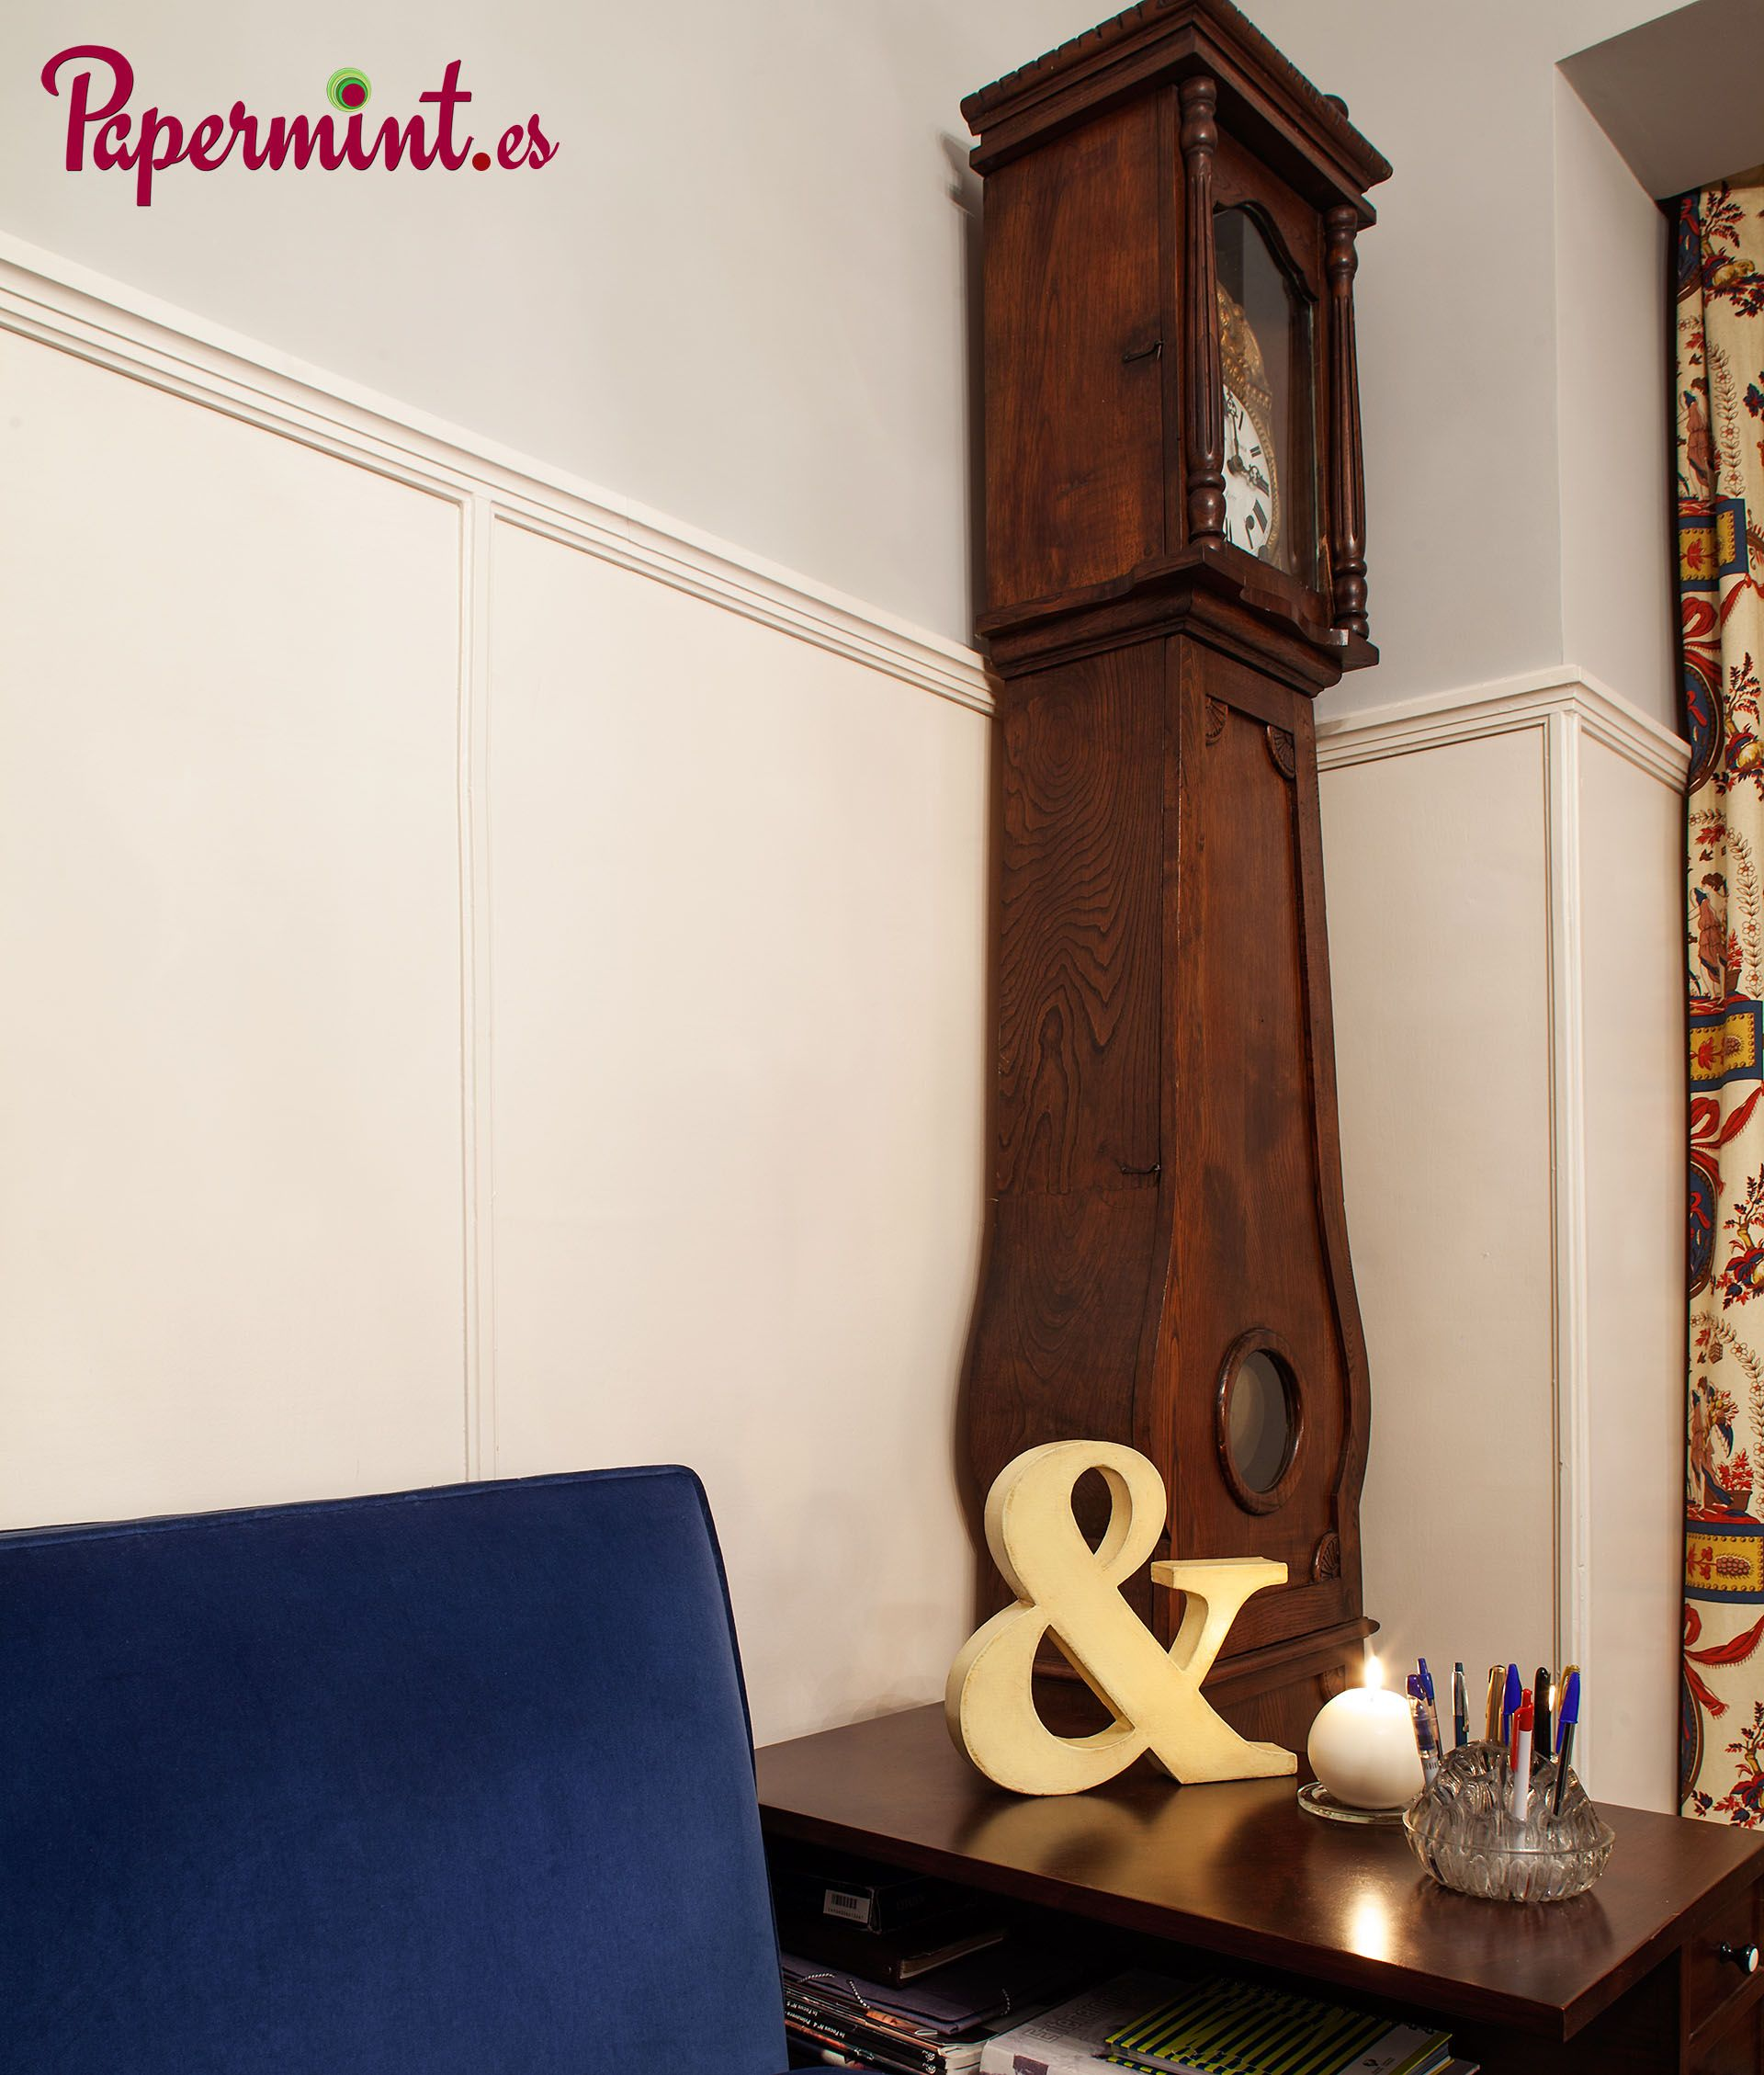 Letras para decorar el salón